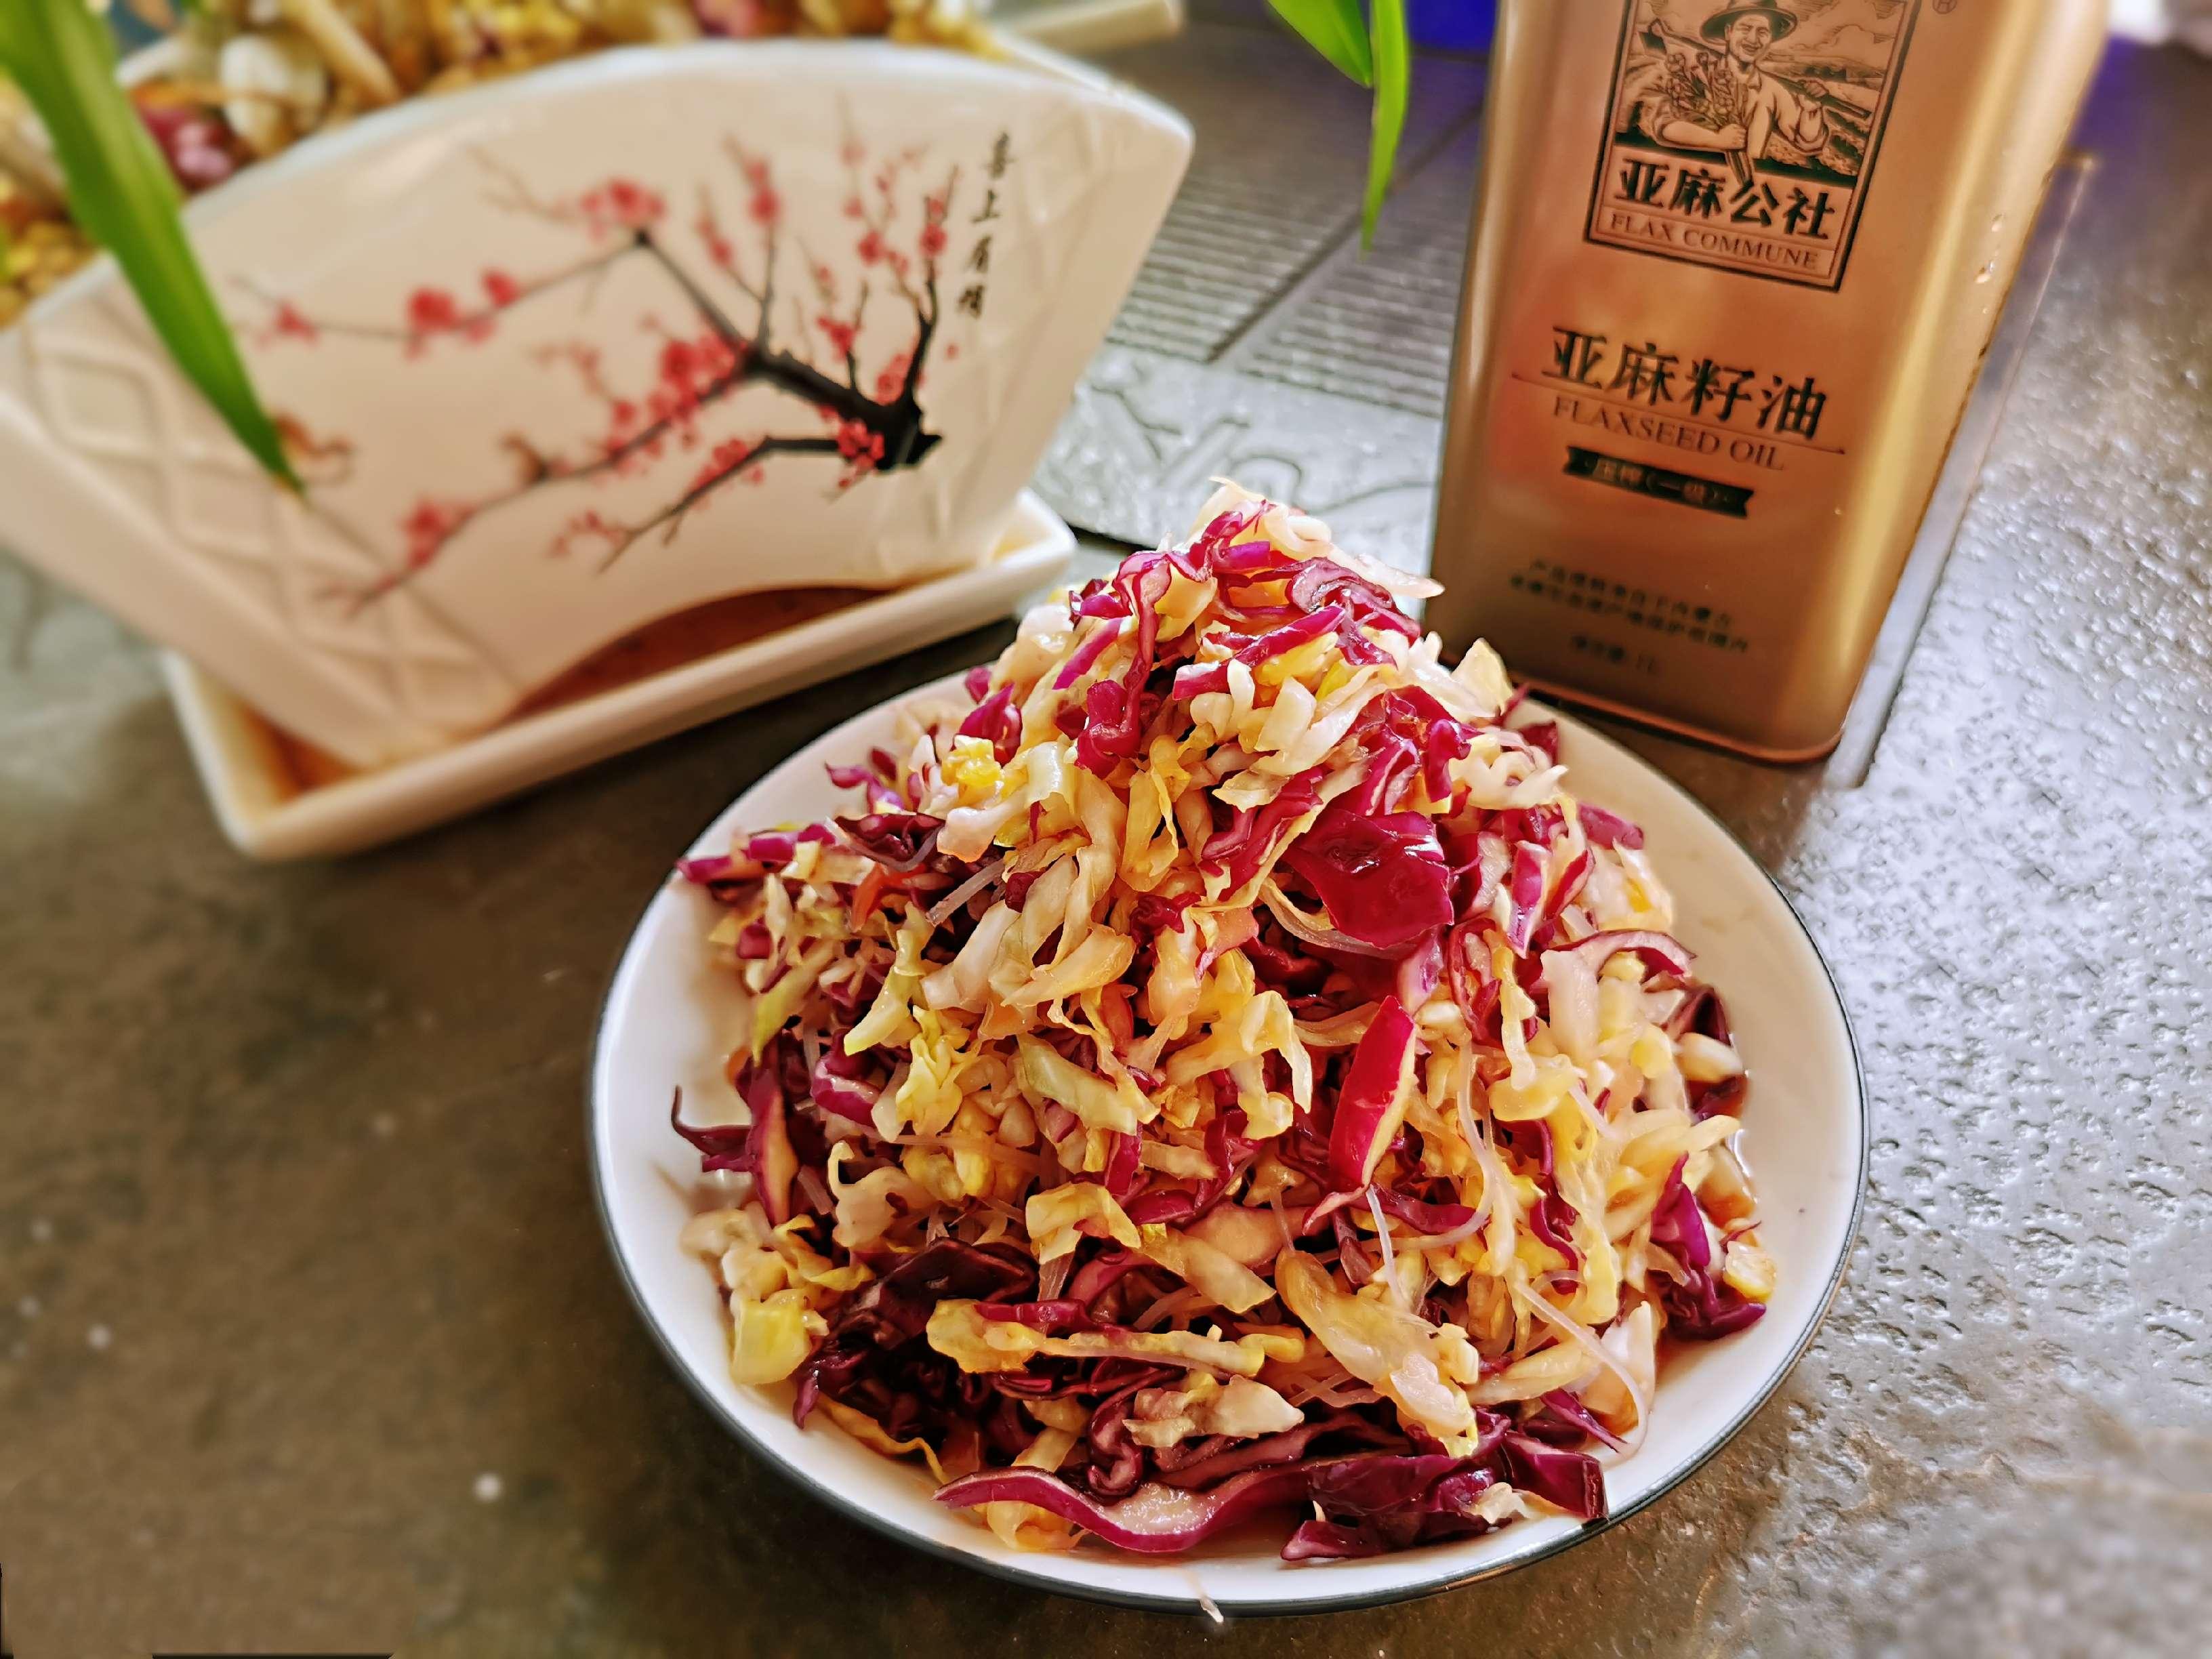 饱腹感极强的减脂菜:凉拌三丝成品图